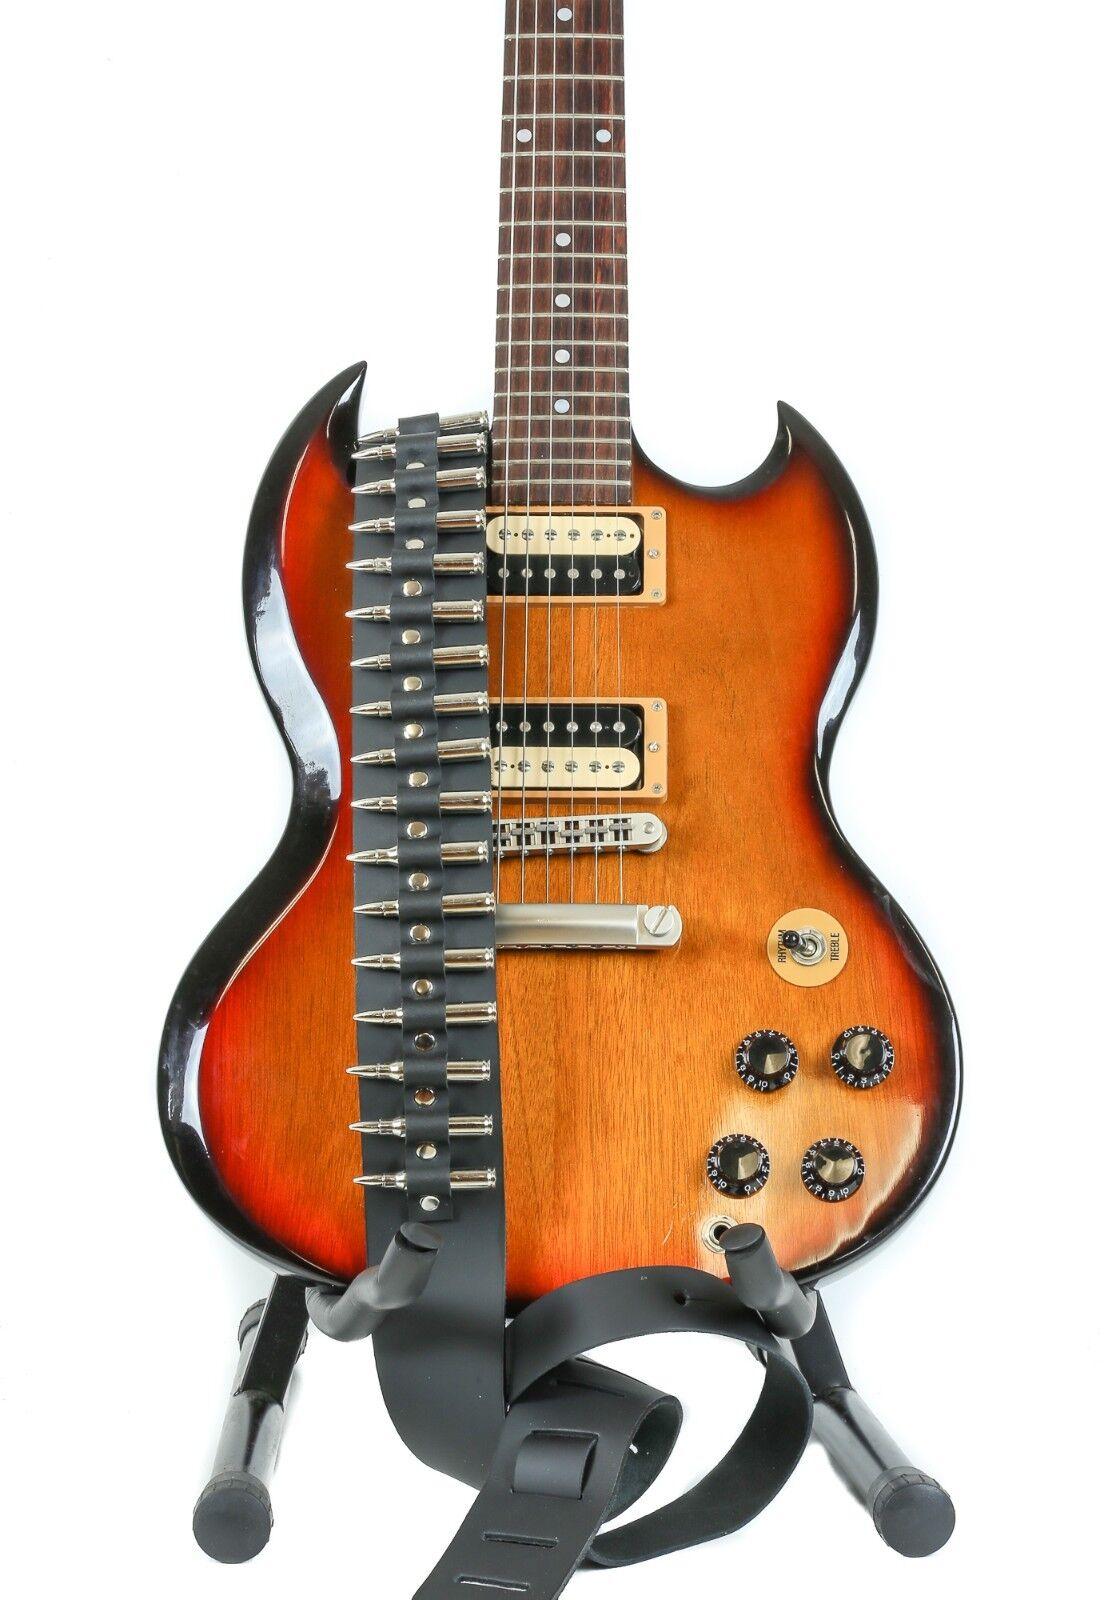 Bullet Guitar Strap .223 Caliber Nickel Shell Tips Goth Heav